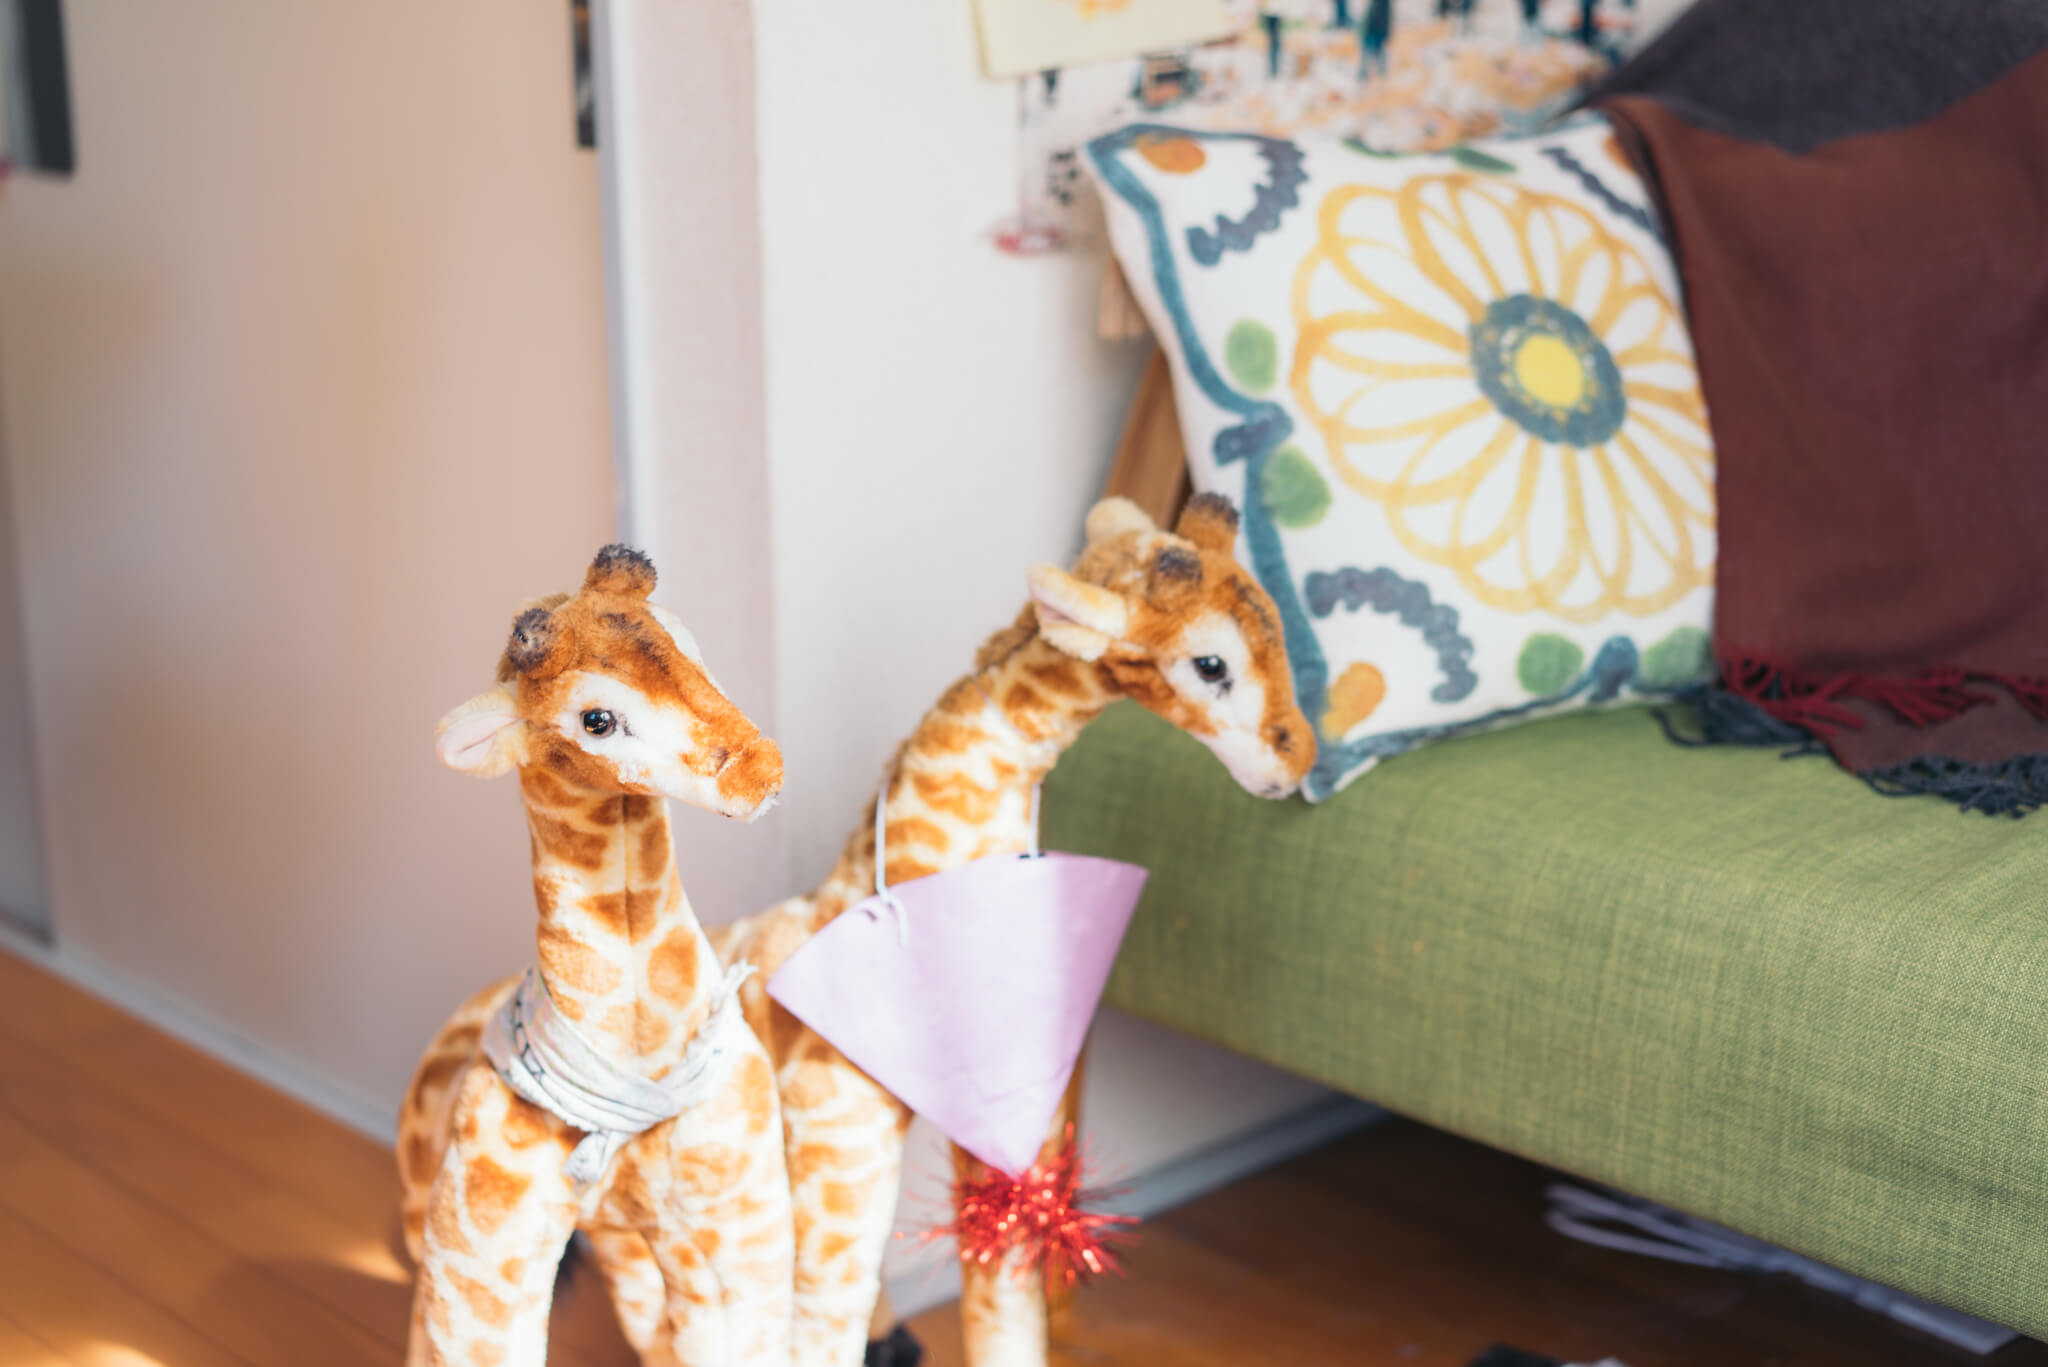 キリンが大好きなぷじさわさん。誕生日にもらった2匹のキリンが部屋のアイドル。